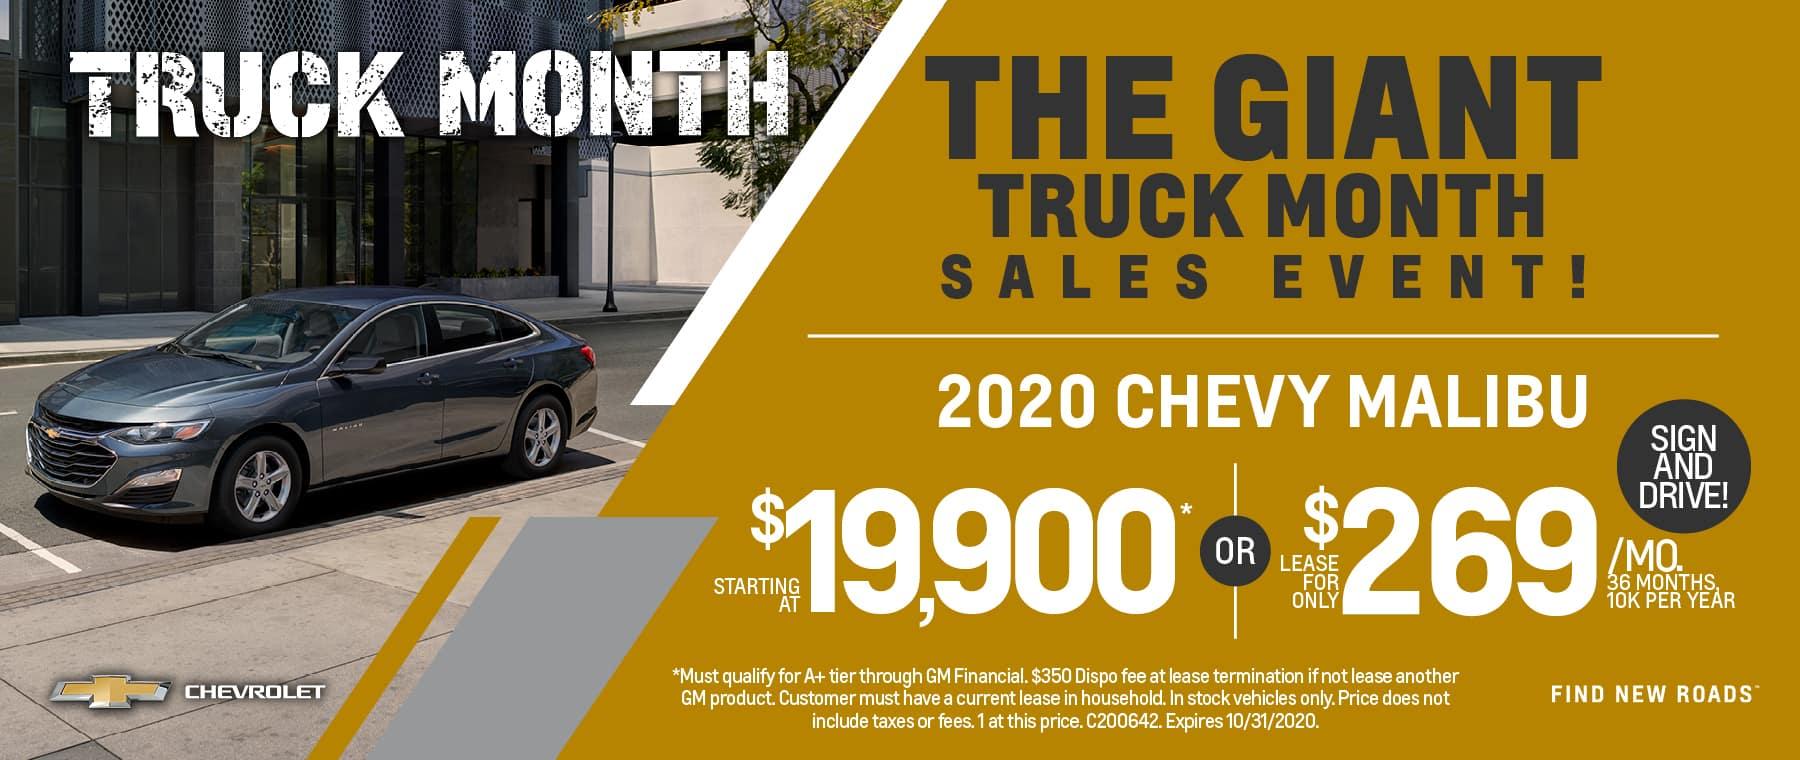 53173-WB-COWC Truck Month Rotators5